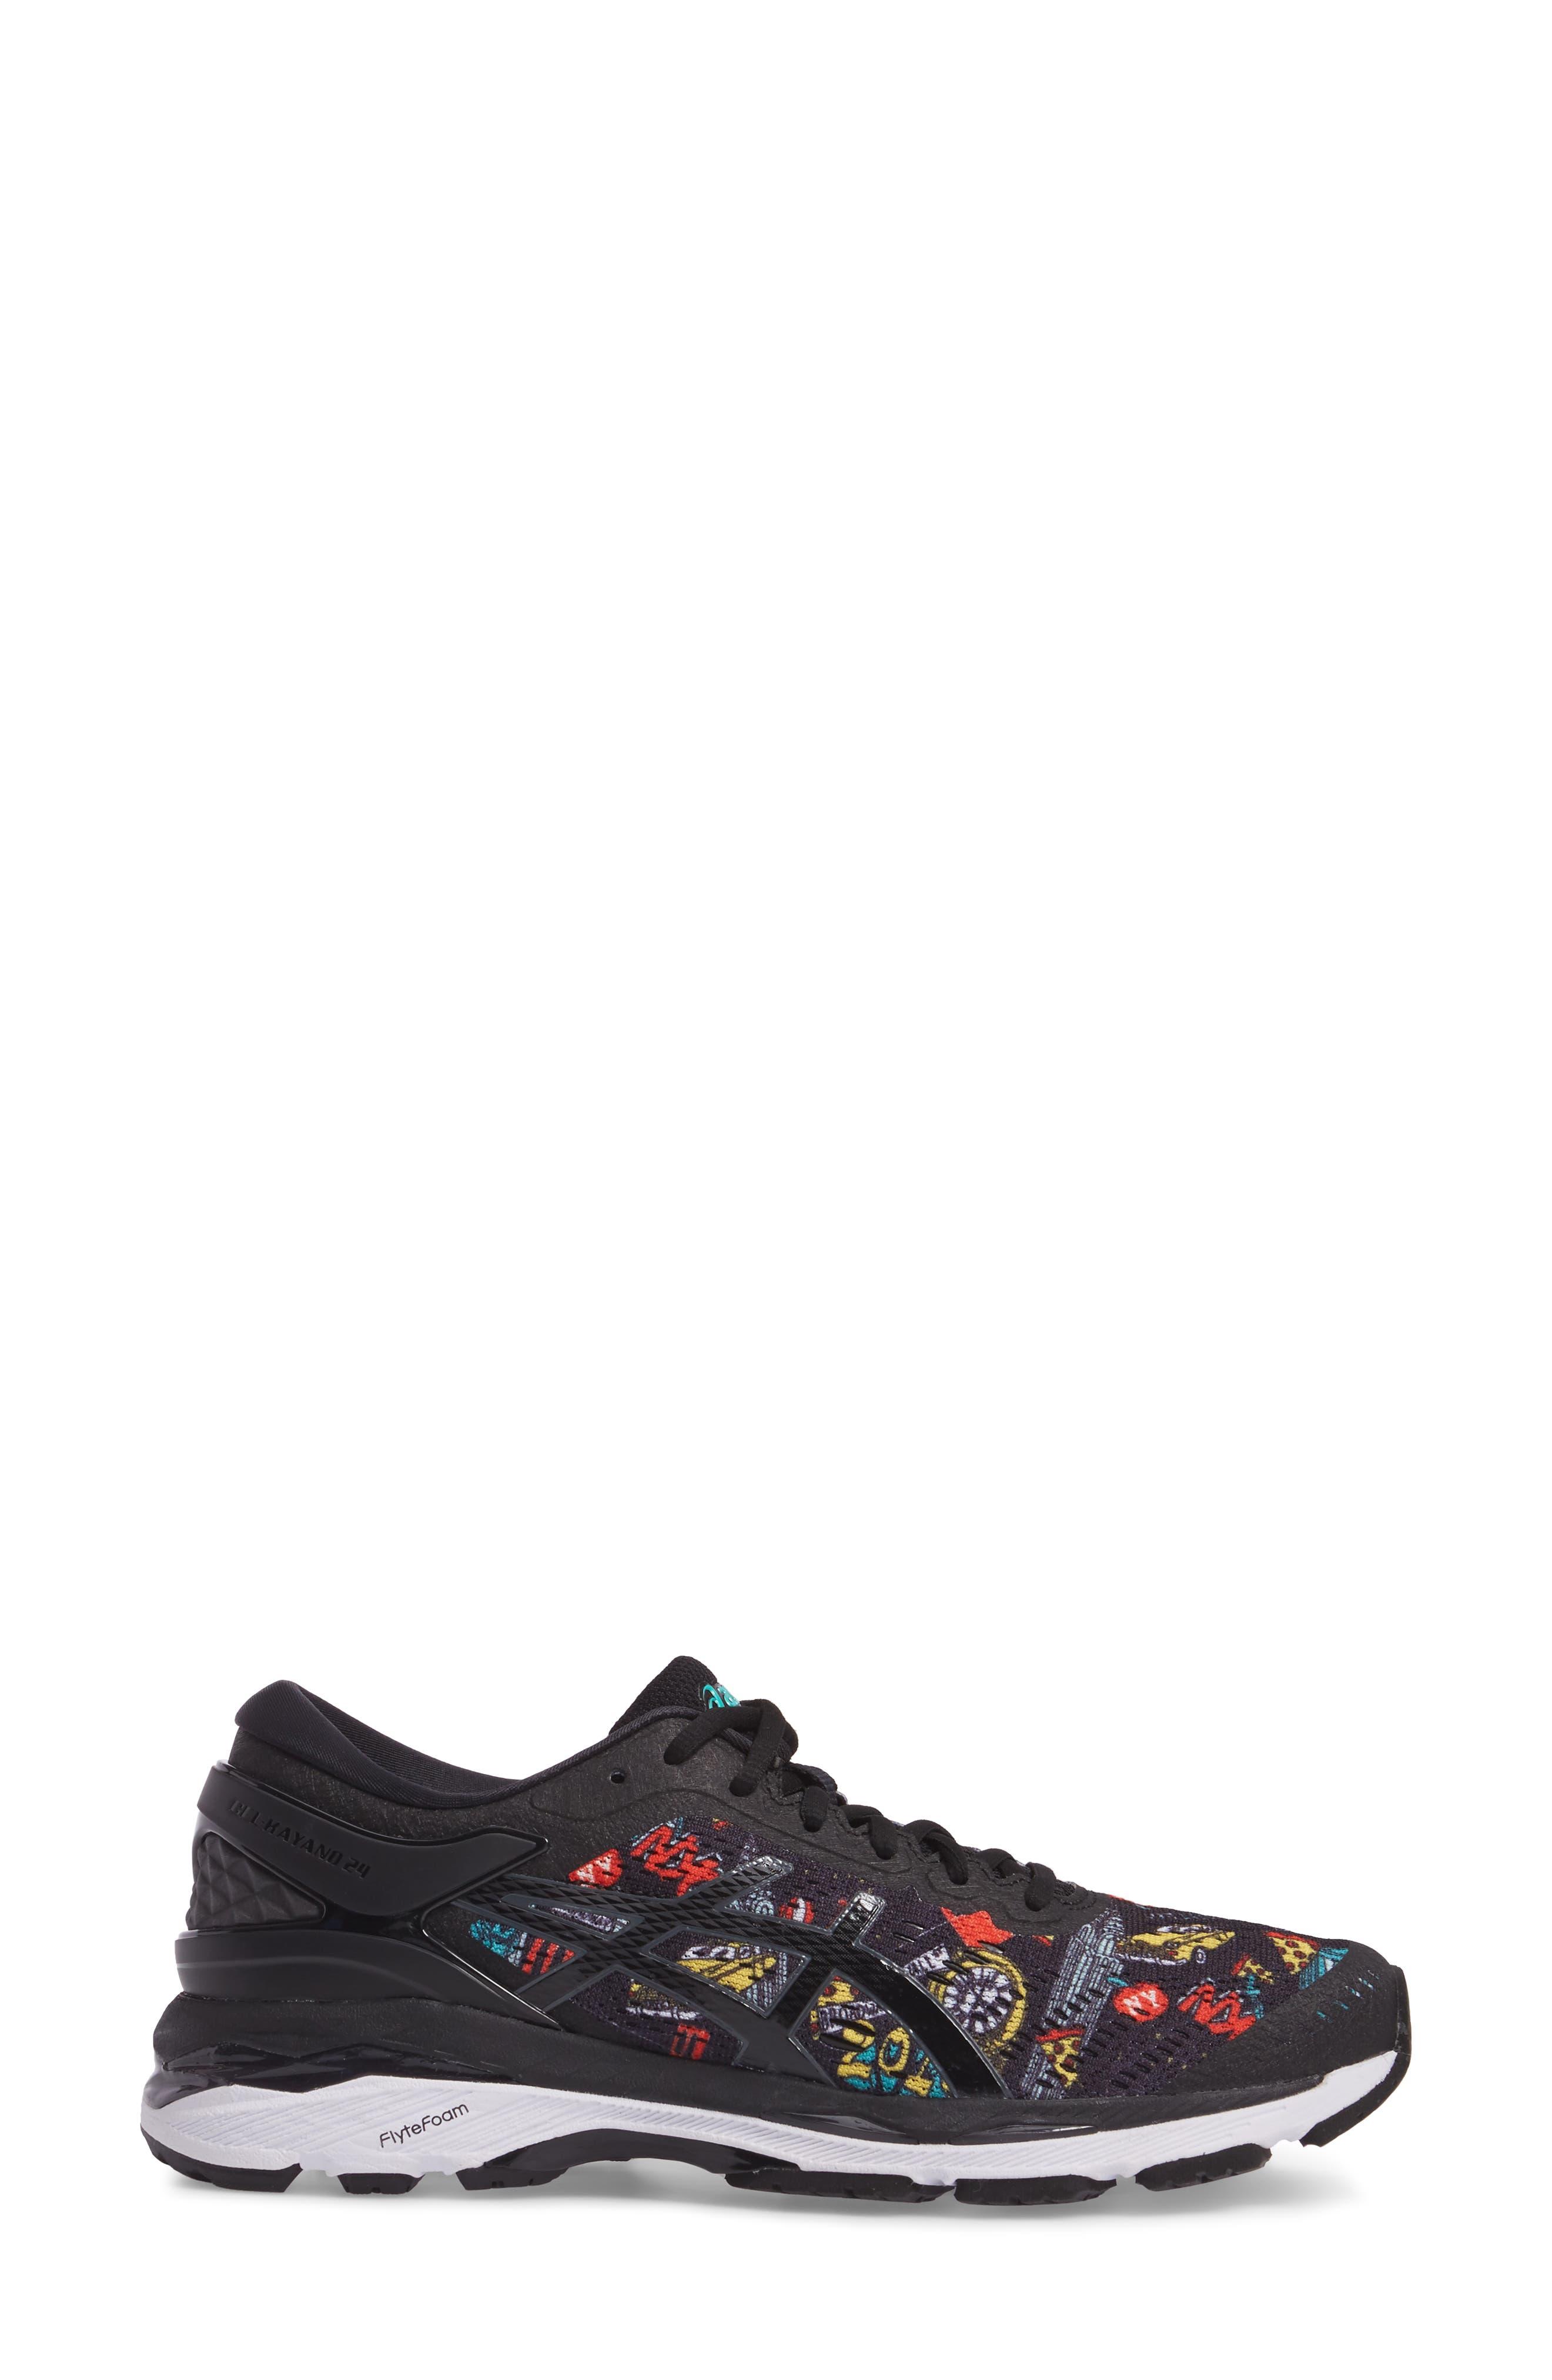 GEL-Kayano<sup>®</sup> 24 Running Shoe,                             Alternate thumbnail 3, color,                             009